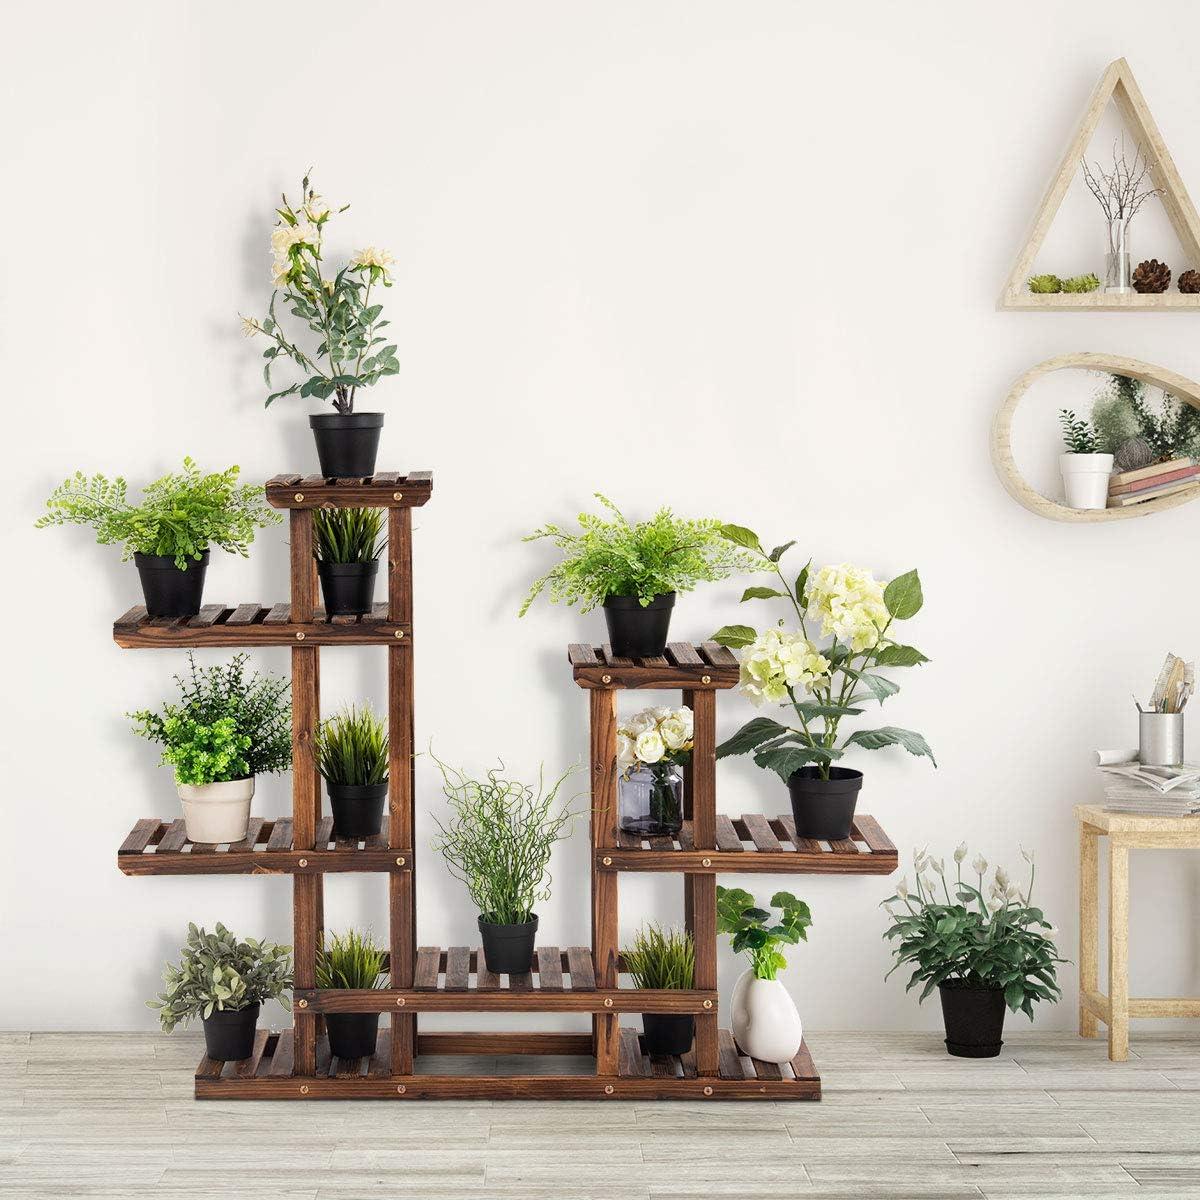 Obraz scenerii Schody kwiatowe